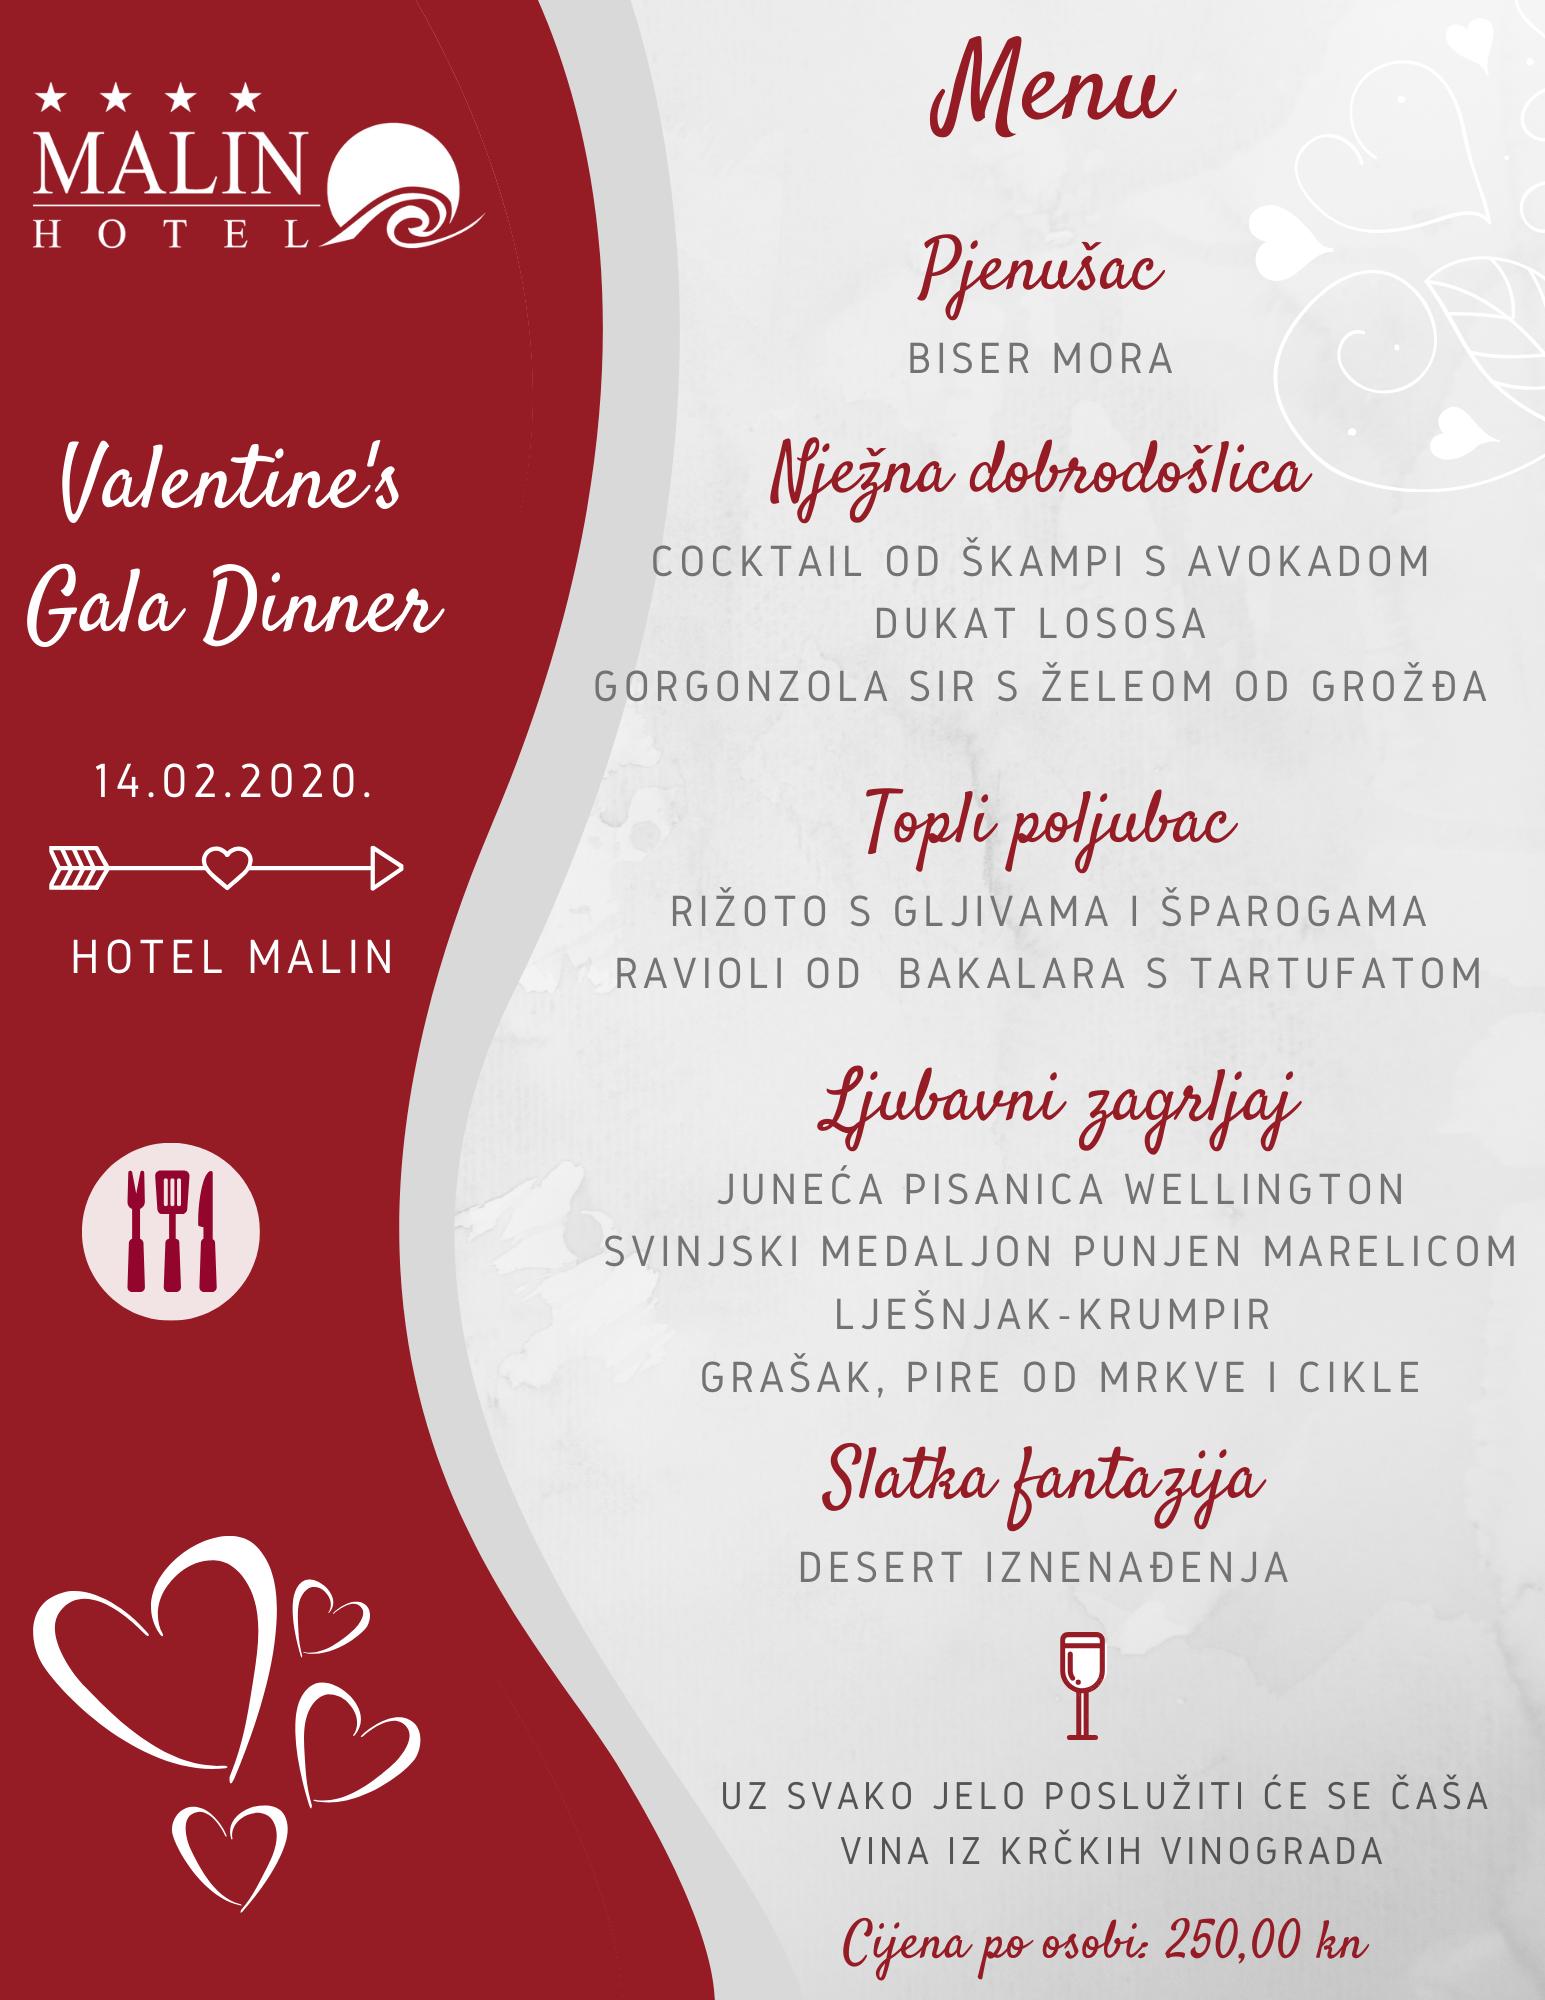 Proslavite Valentinovo u intimnoj atmosferi hotela Malin uz Valentine's Gala Dinner